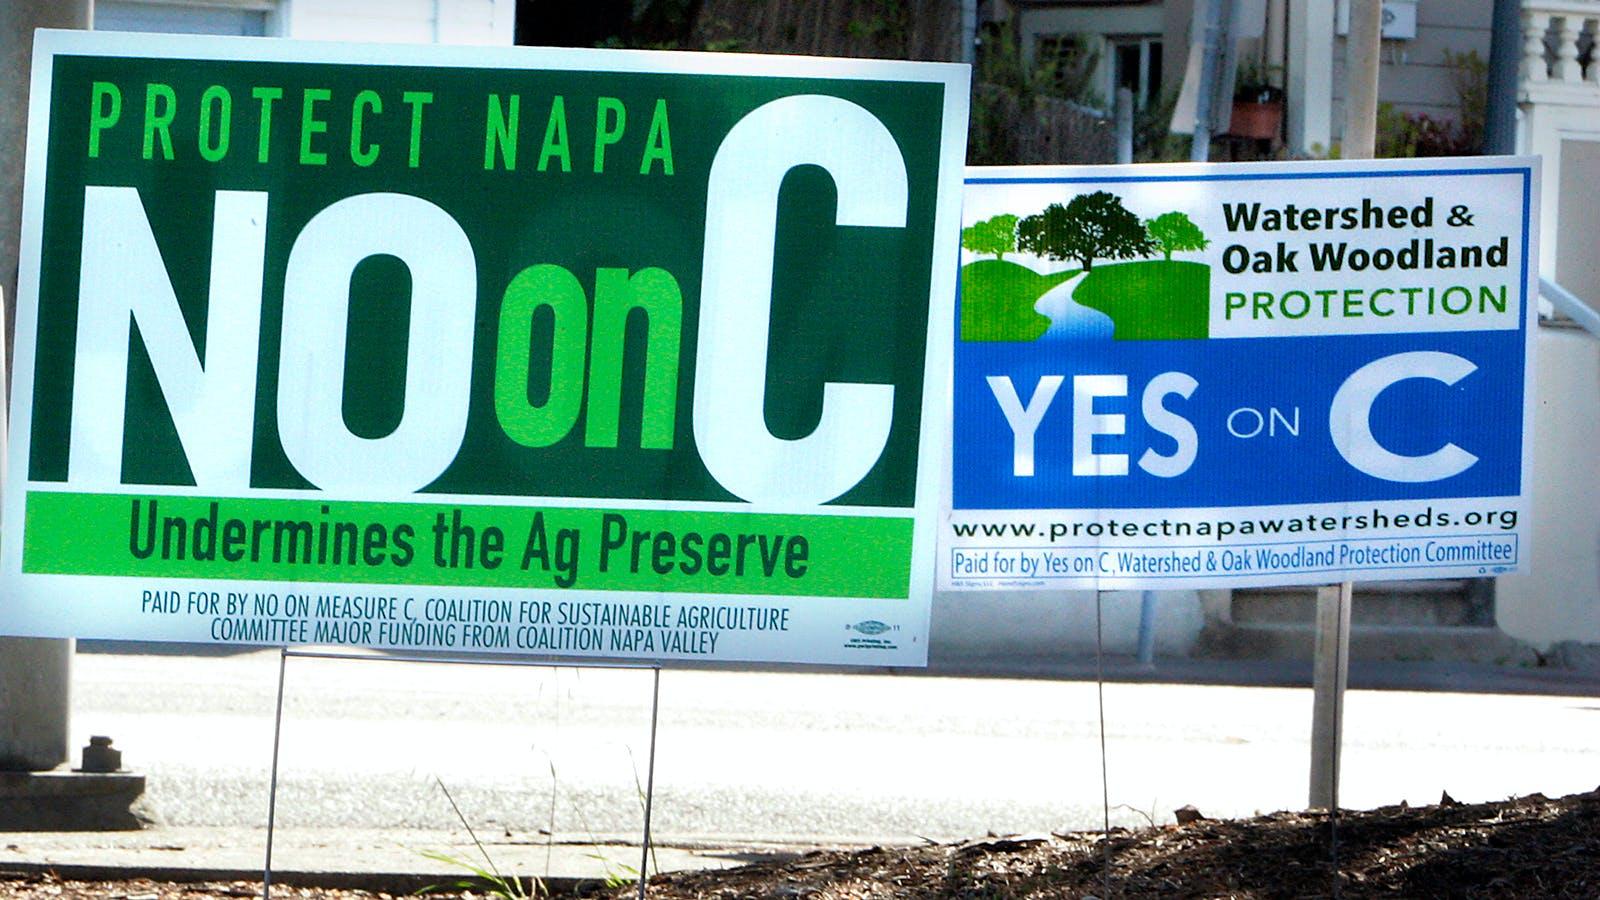 Napa's Measure C Is Dead; the War Over Hillside Vineyards Has Just Begun